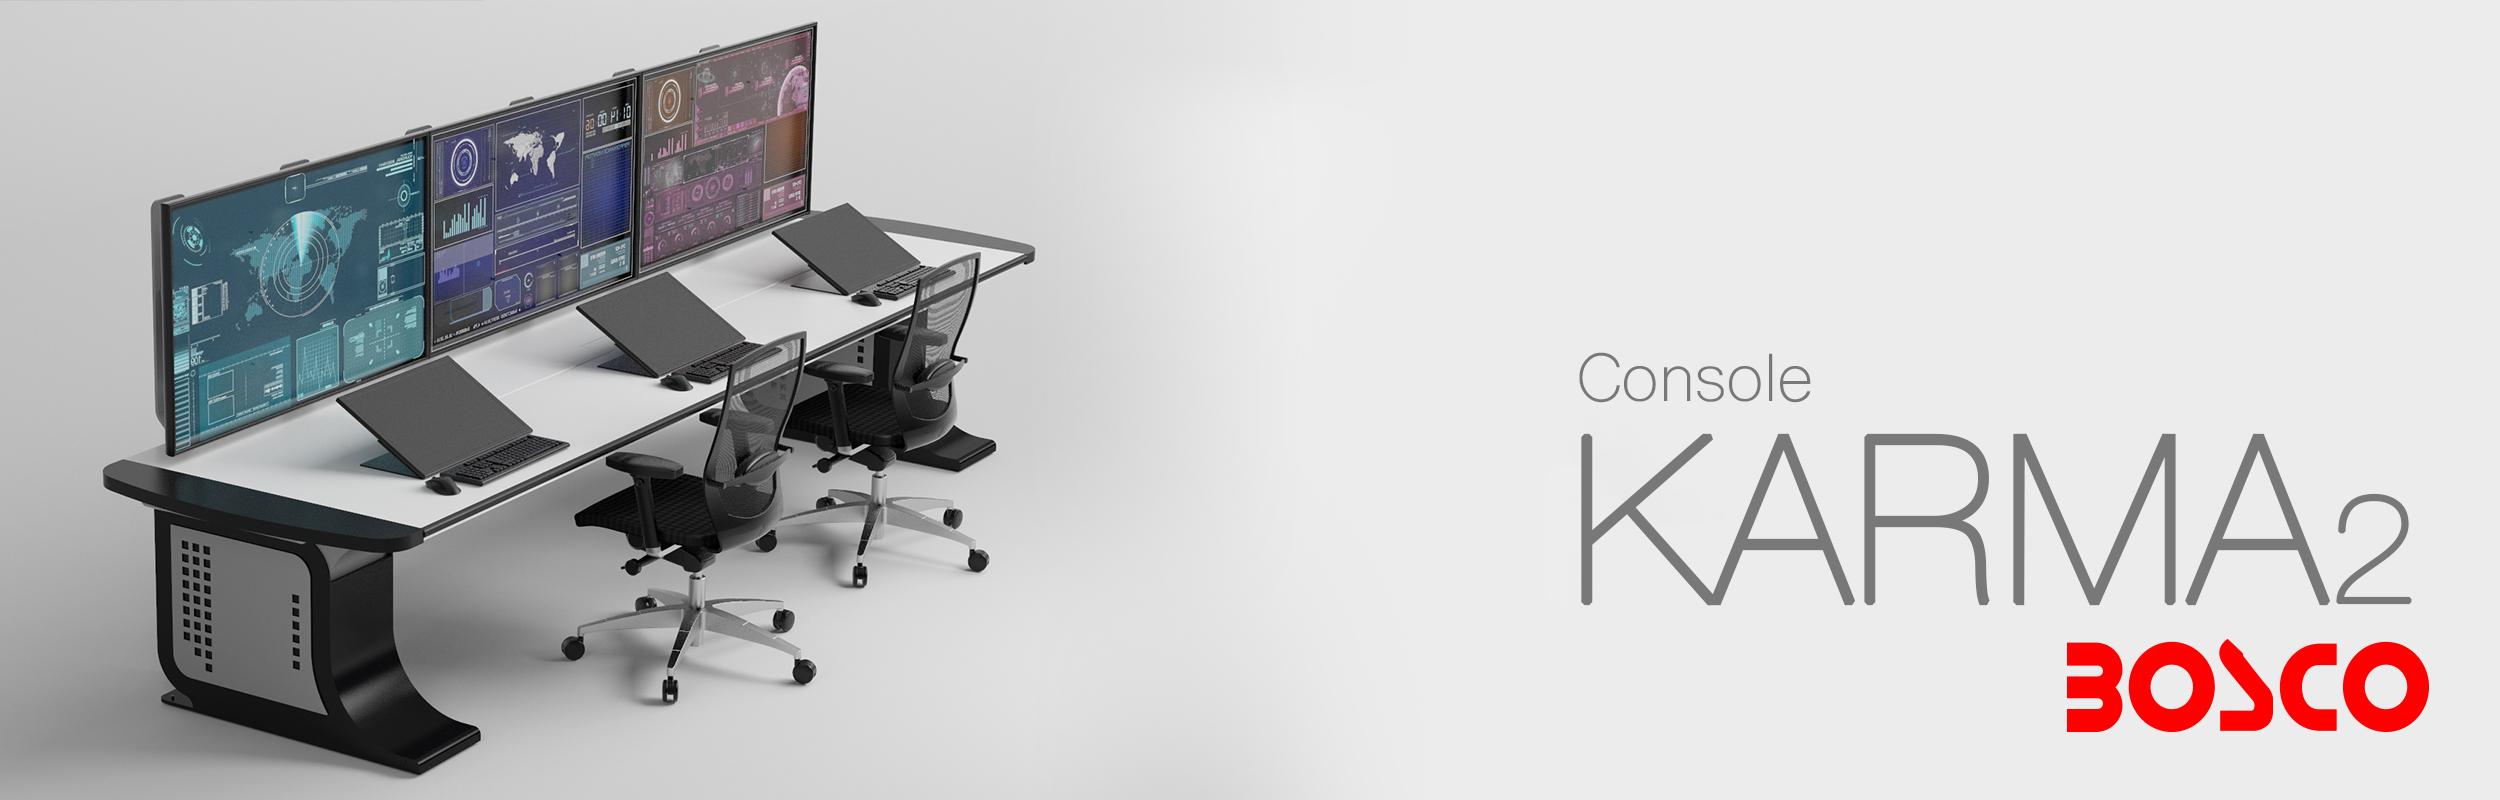 Console Karma2